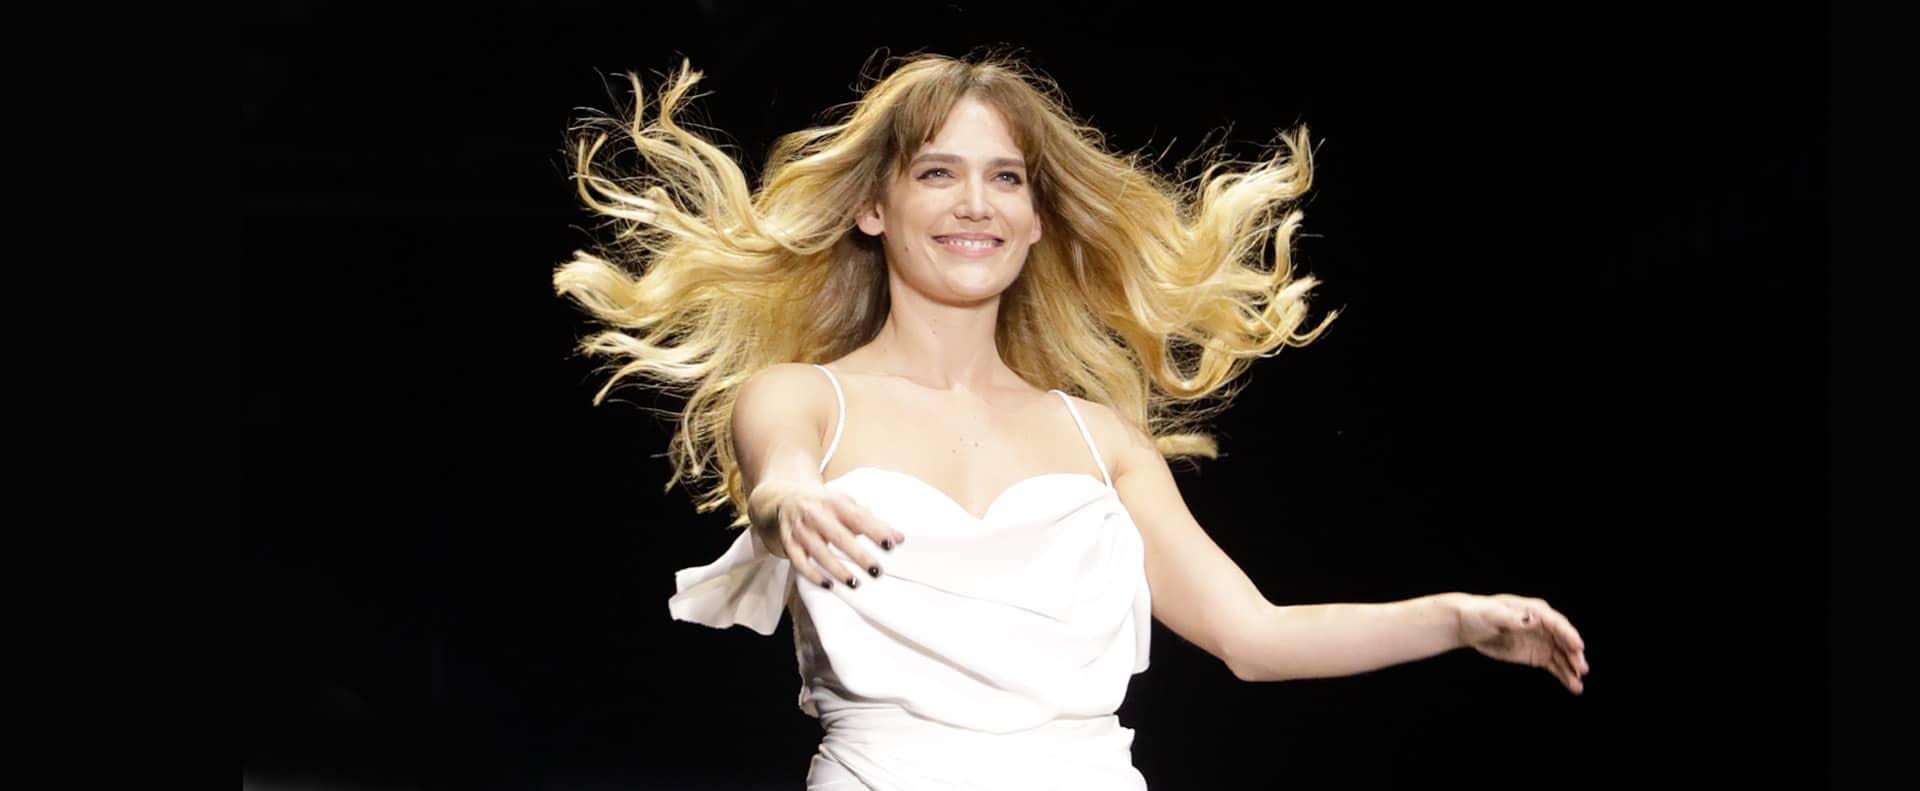 דנה פרידר, קולקציה עידן לרוס, תצוגת אופנה עידן לרוס שבוע האופנה תל אביב 2019, צילום עומר קפלן - 102